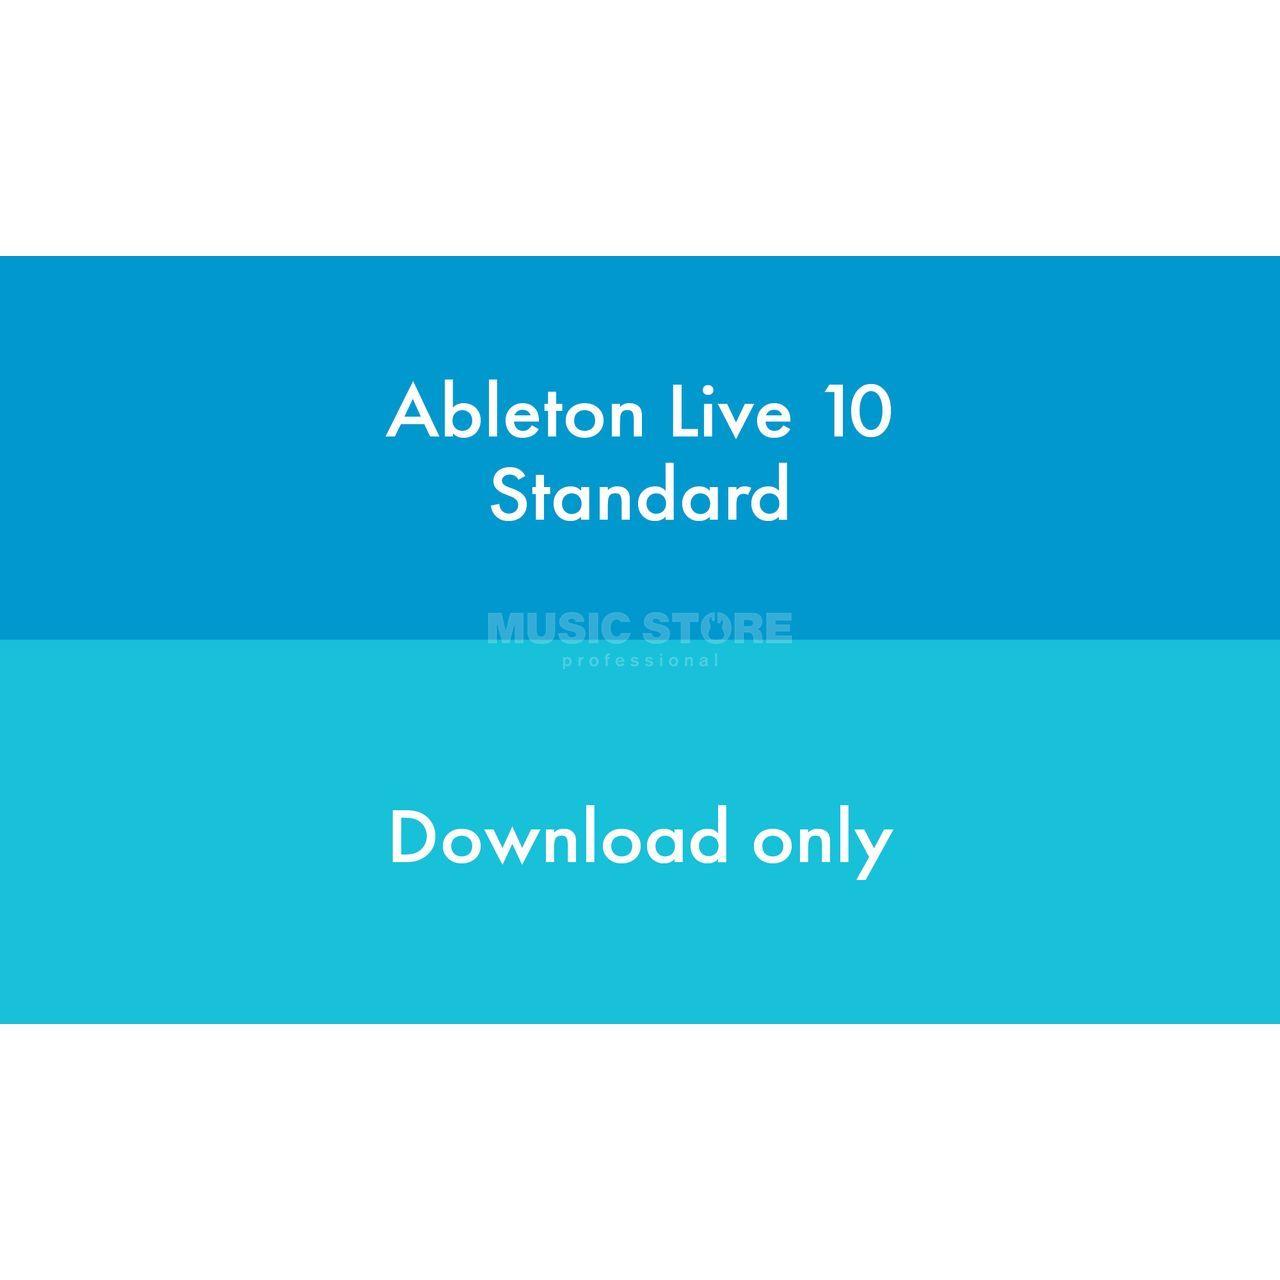 Ableton Live 10 Standard Edition EDU License Code   MUSIC STORE  professional   en-DE